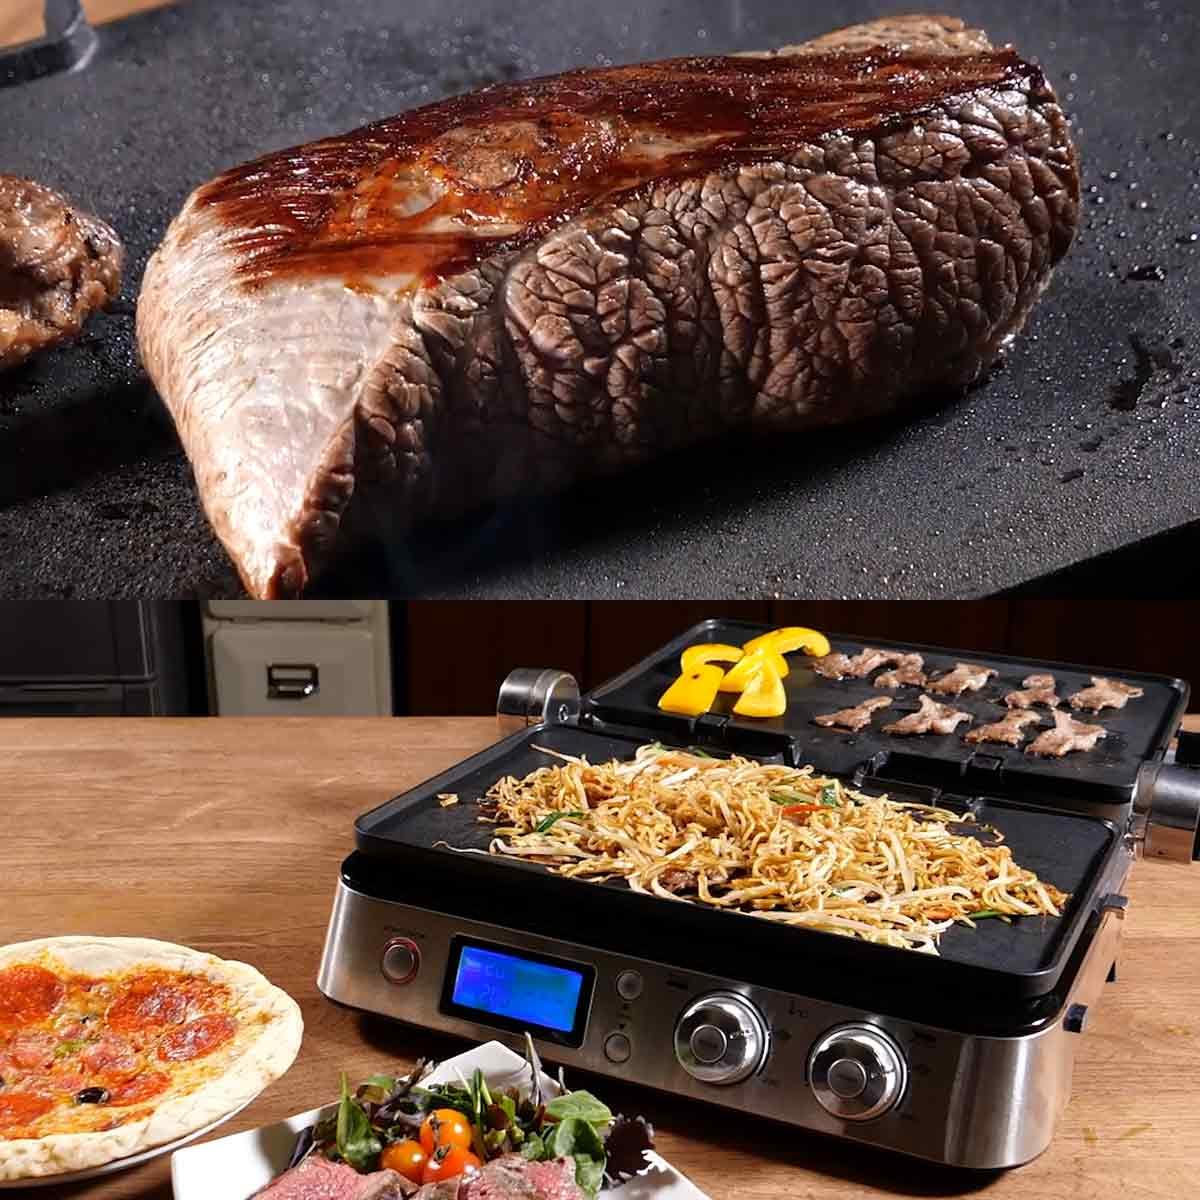 肉がジュ〜ッとおいしく焼ける! 3Way卓上グリル「マルチグリルBBQ」を動画でチェック